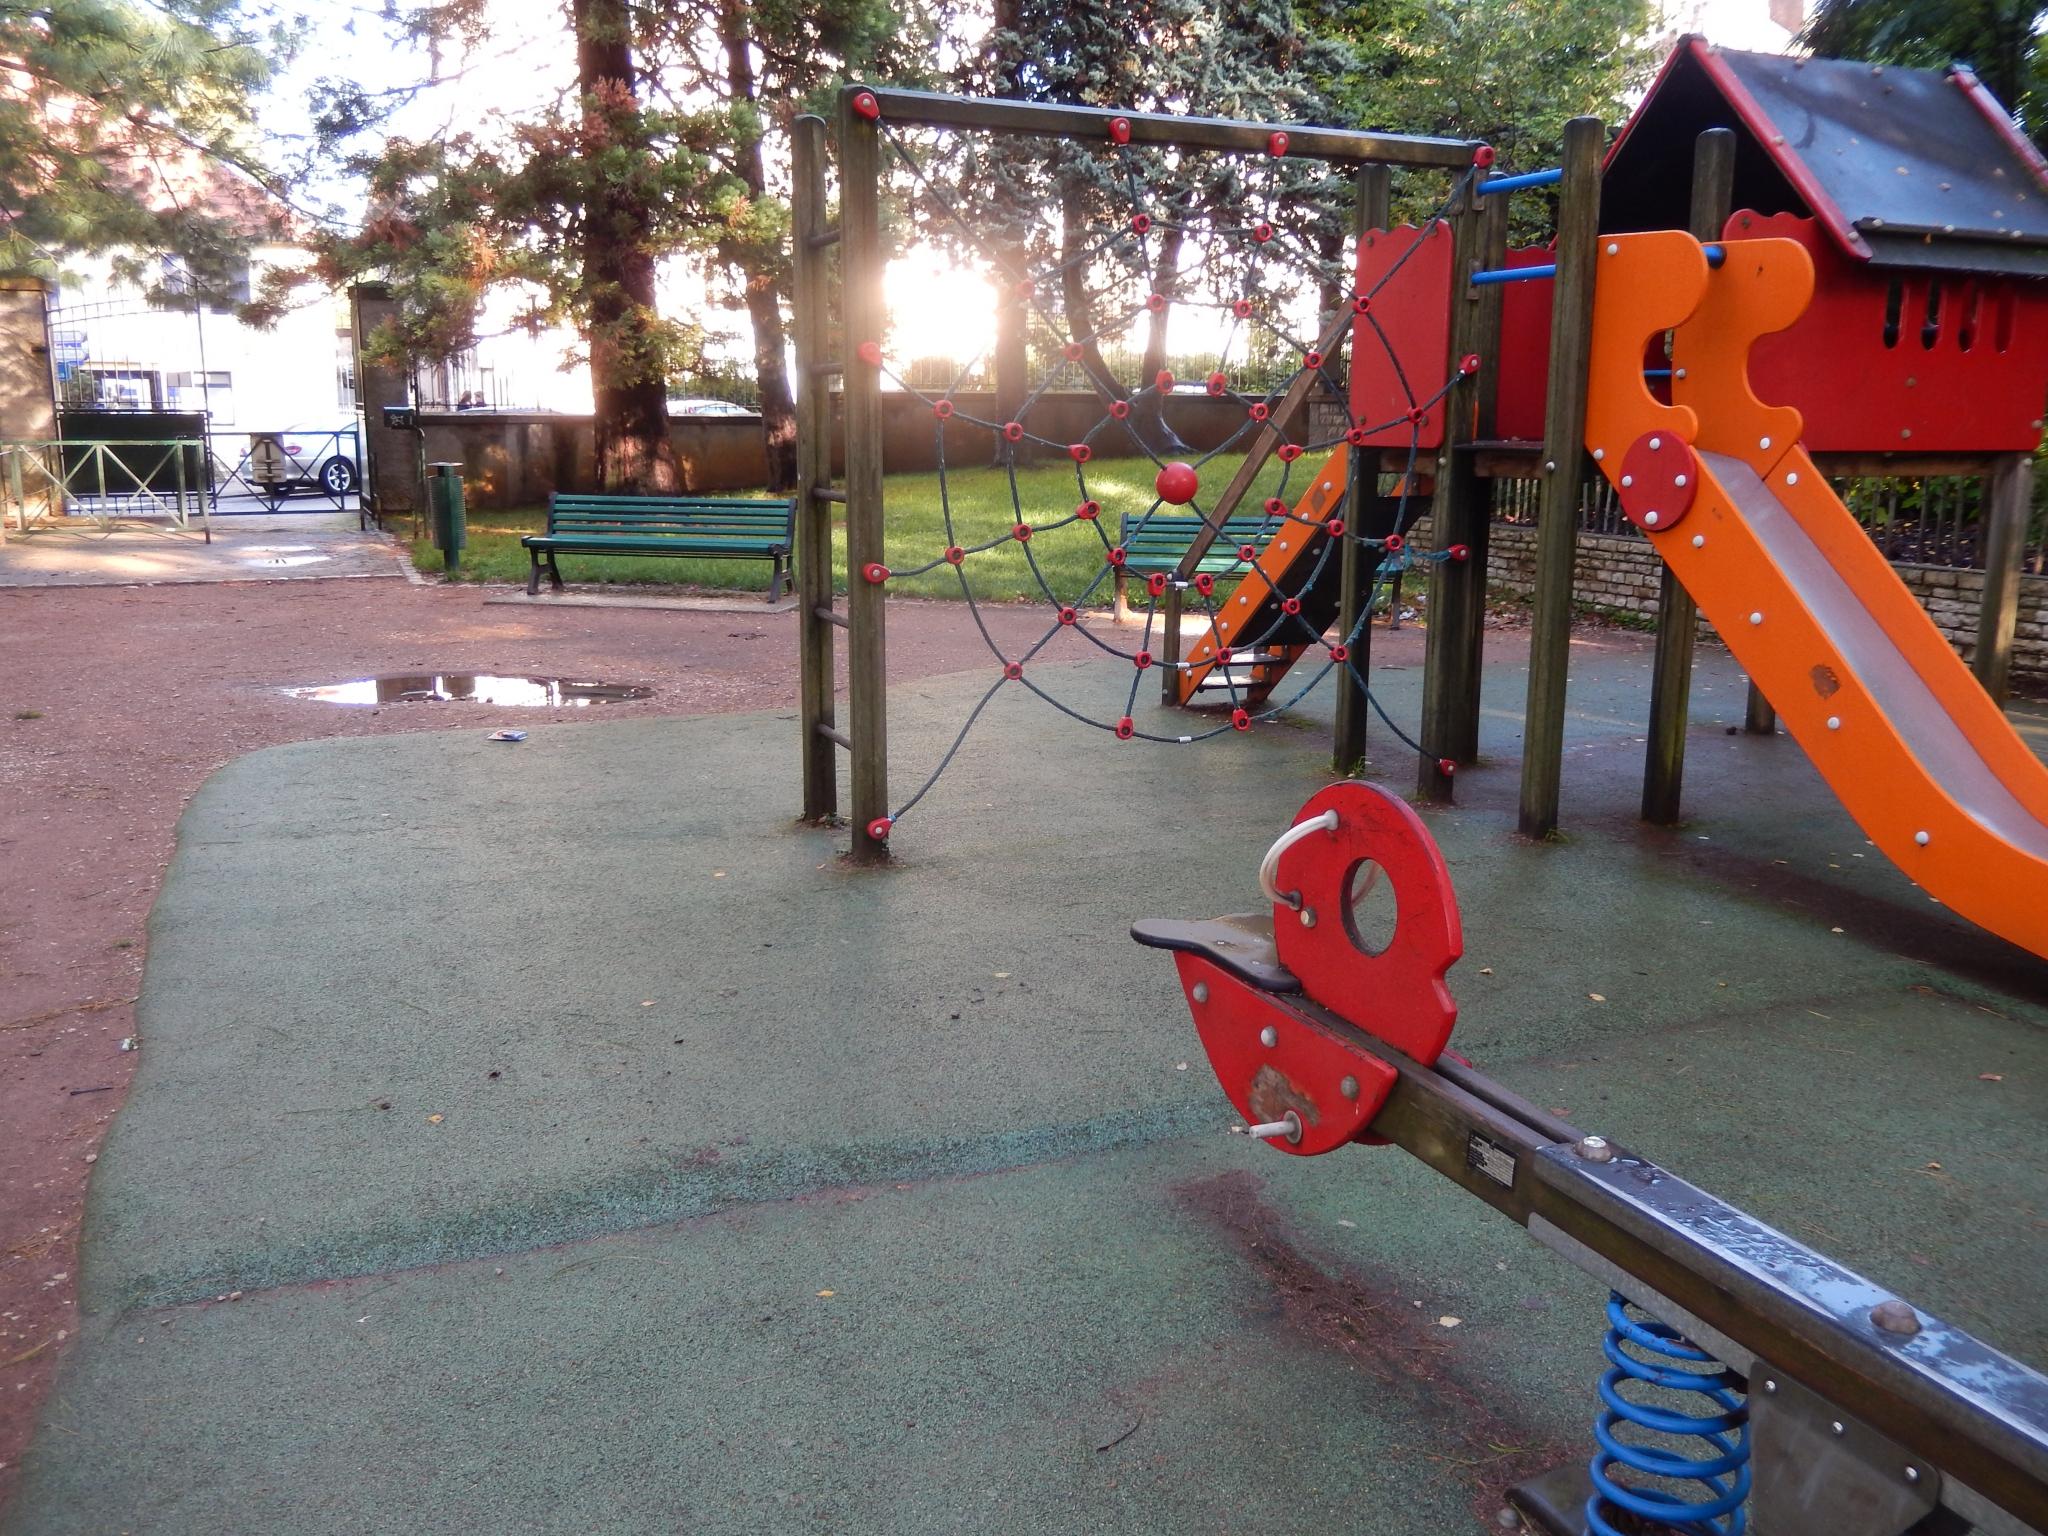 Plus De Jeux, Dans Les Parcs Du Quartier, Pour Les Jeunes tout Jeux Pour Jeunes Enfants